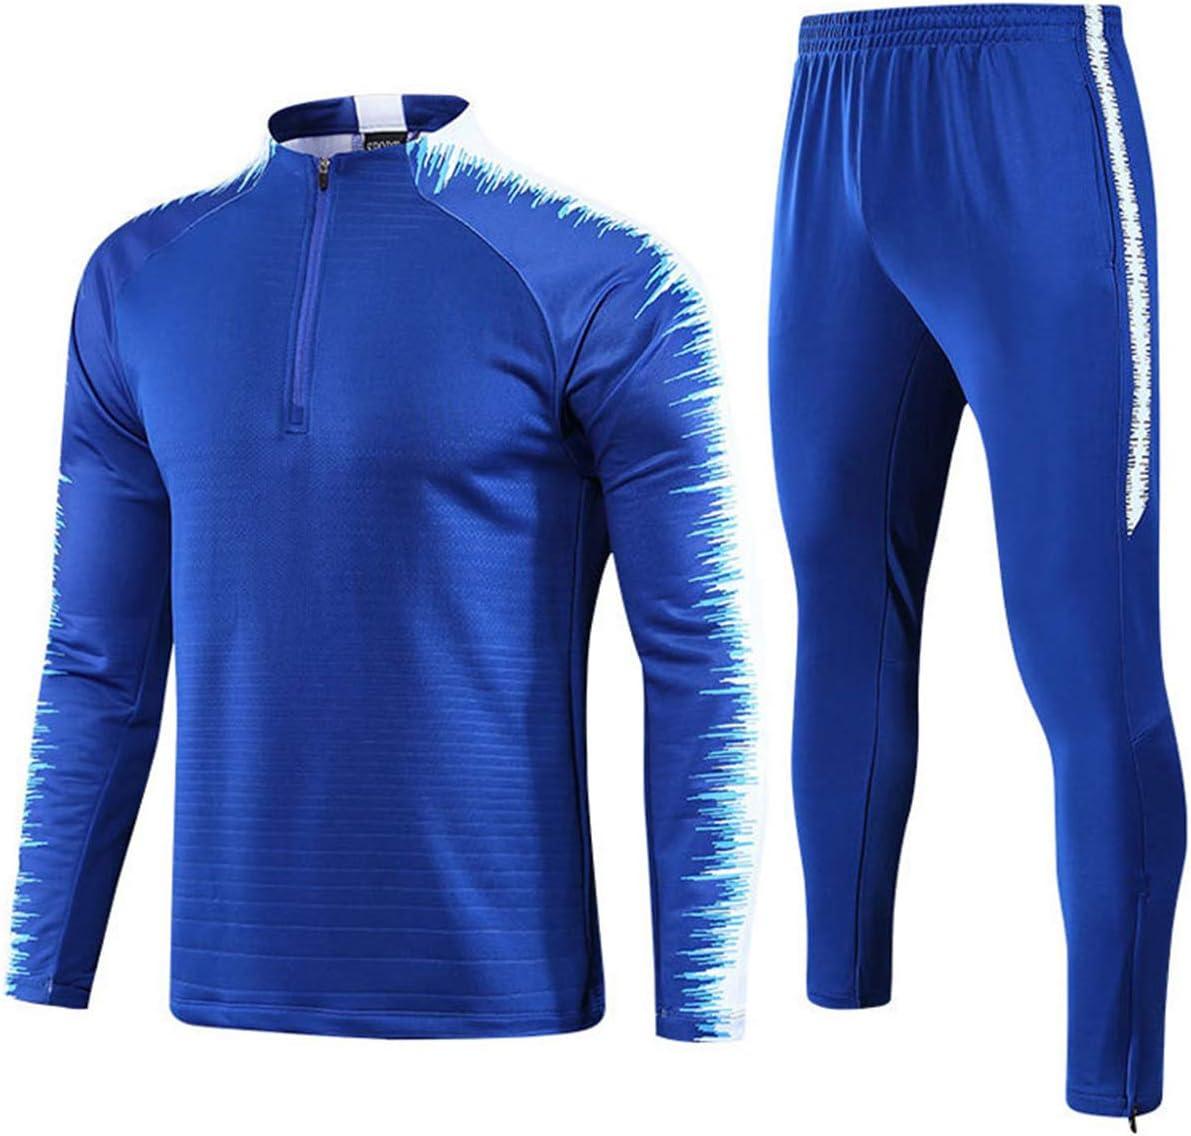 Conjunto de Entrenamiento de Camiseta de f/útbol de Manga Larga para Hombre ch/ándales completos Pantalones de Jogging Sudaderas de Gimnasia Conjunto de Entrenamiento Mikelabo